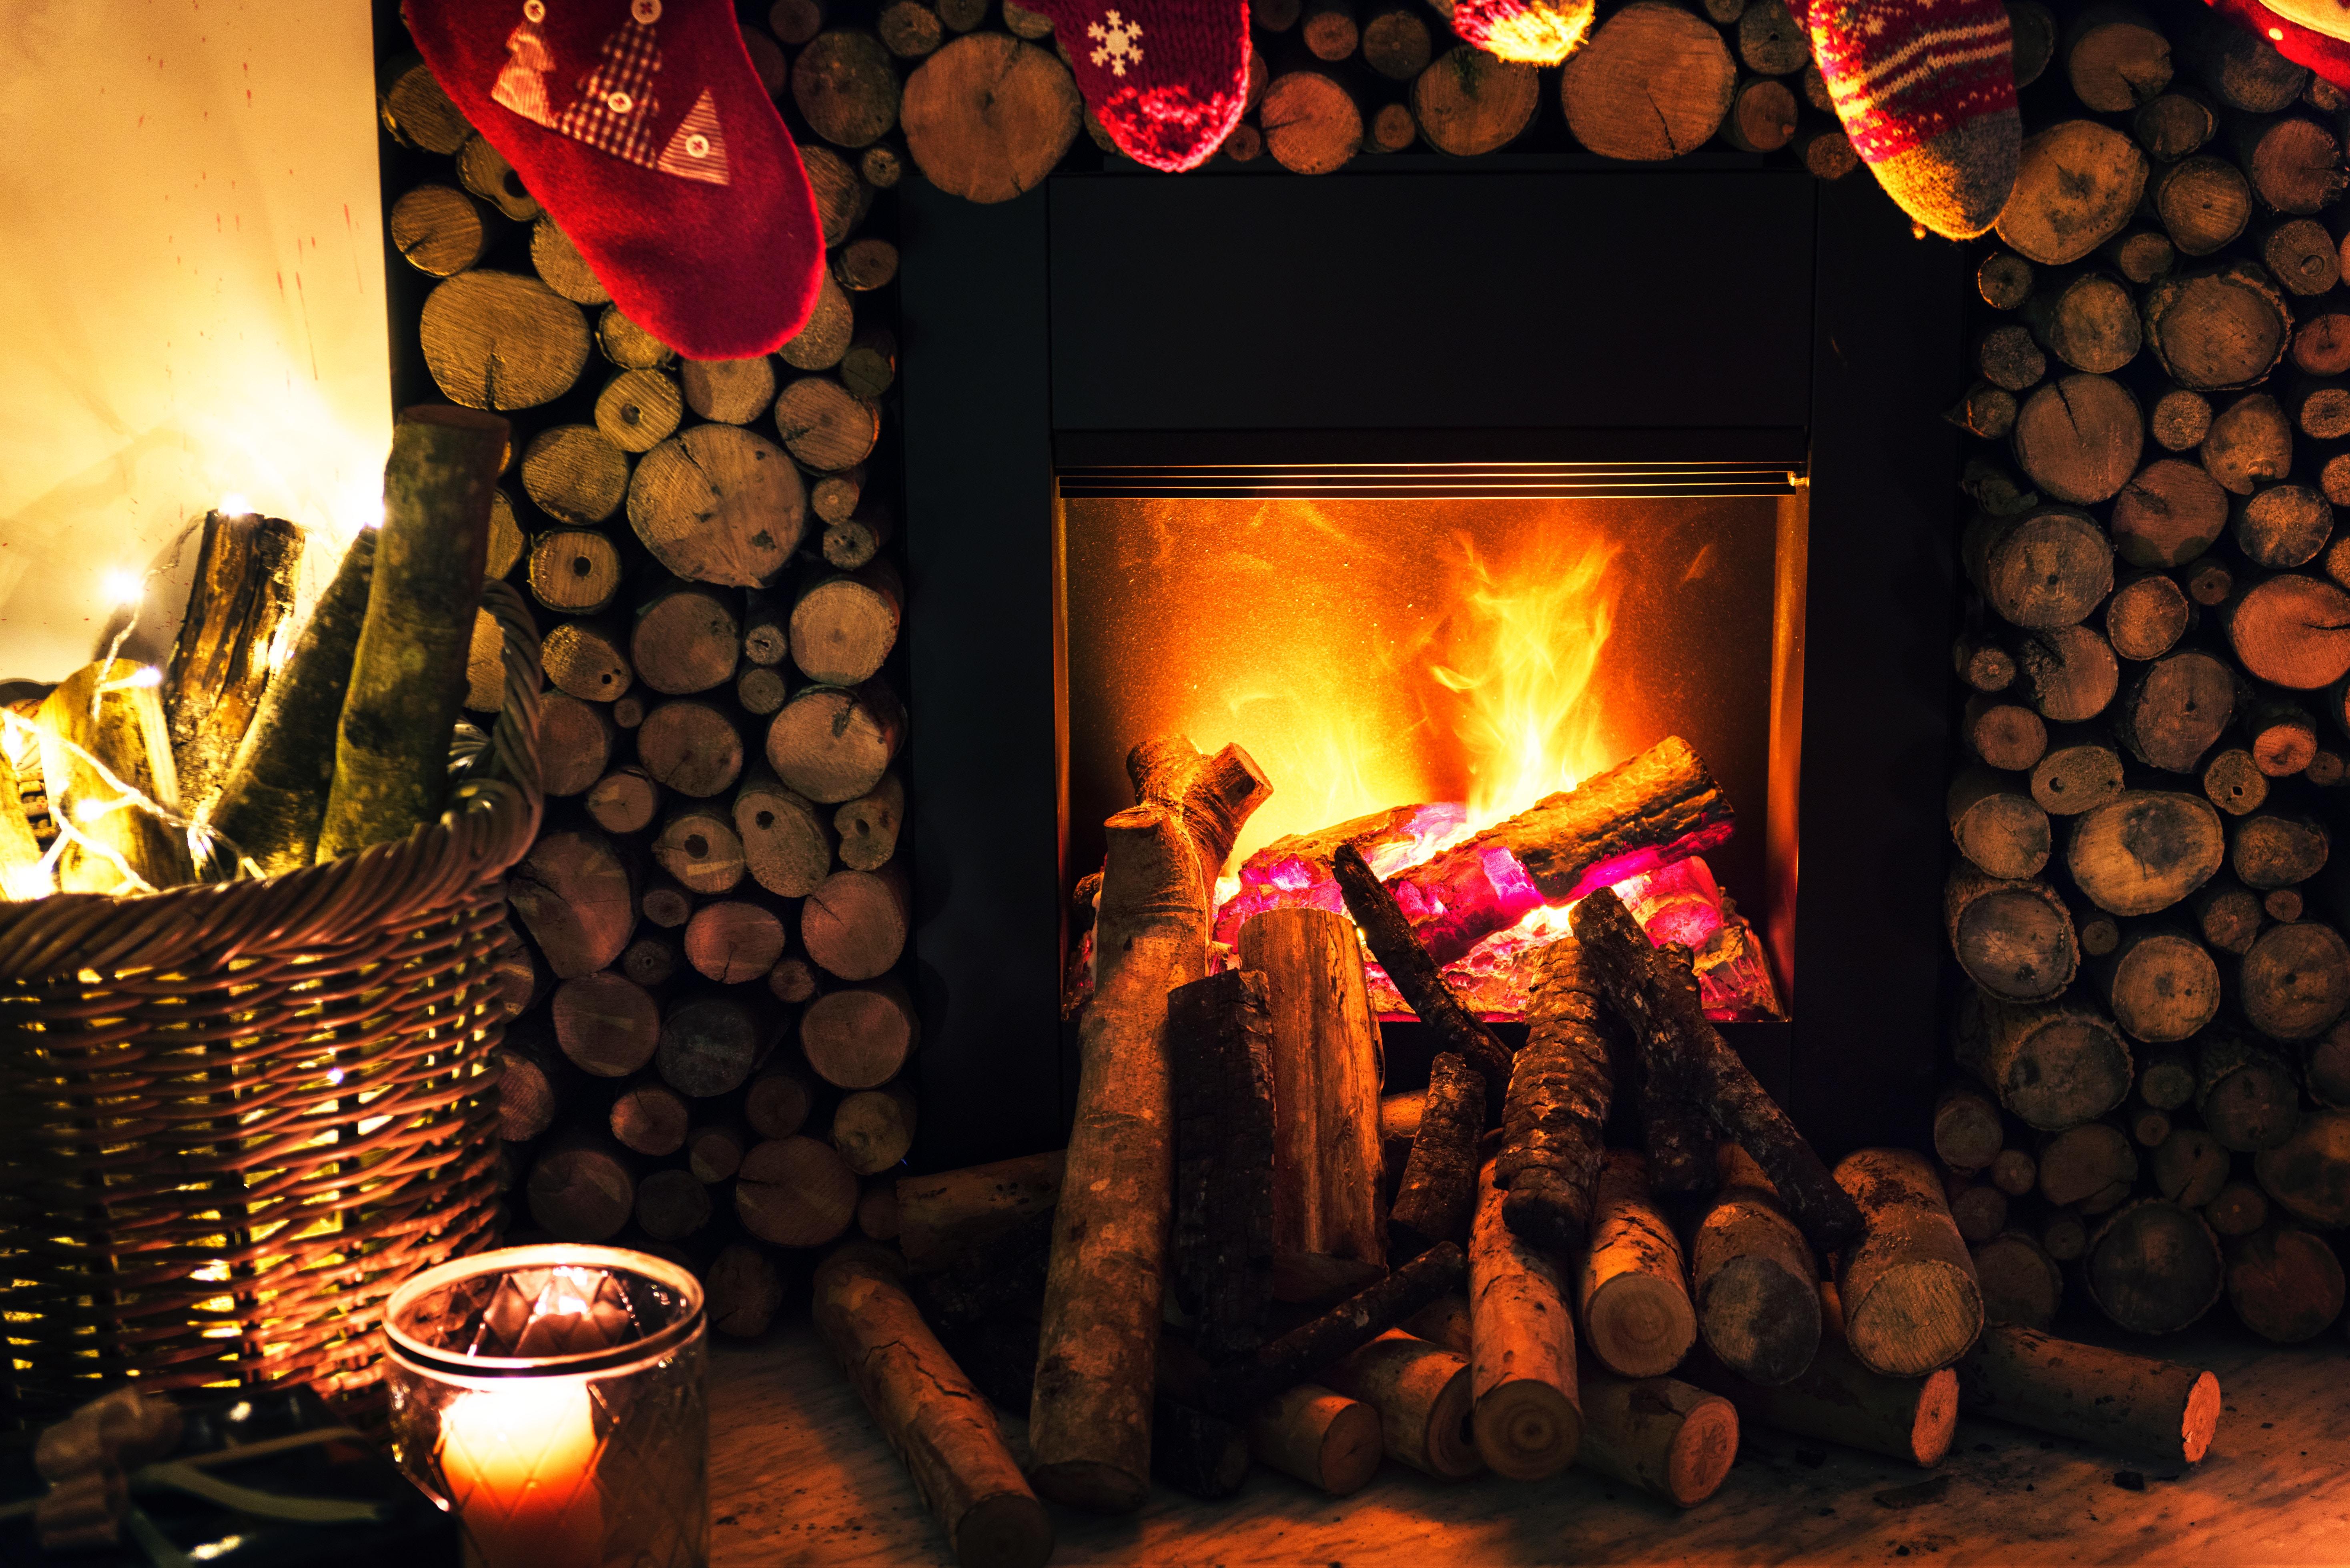 De grote kerstfilm adventskalender - 24 kerstfilms om mee af te tellen tot kerst